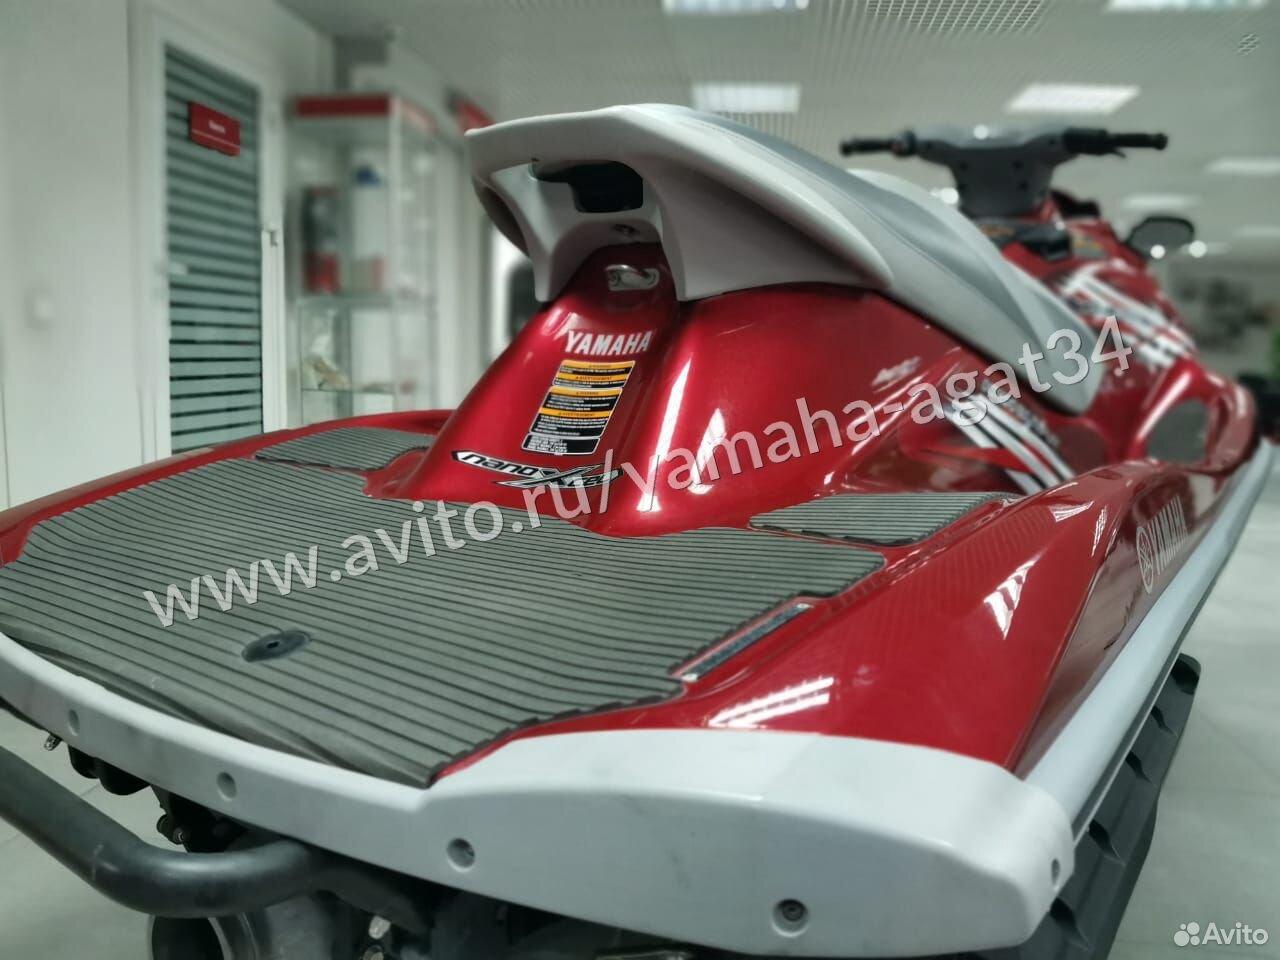 Гидроцикл yamaha VXR  88442984904 купить 3